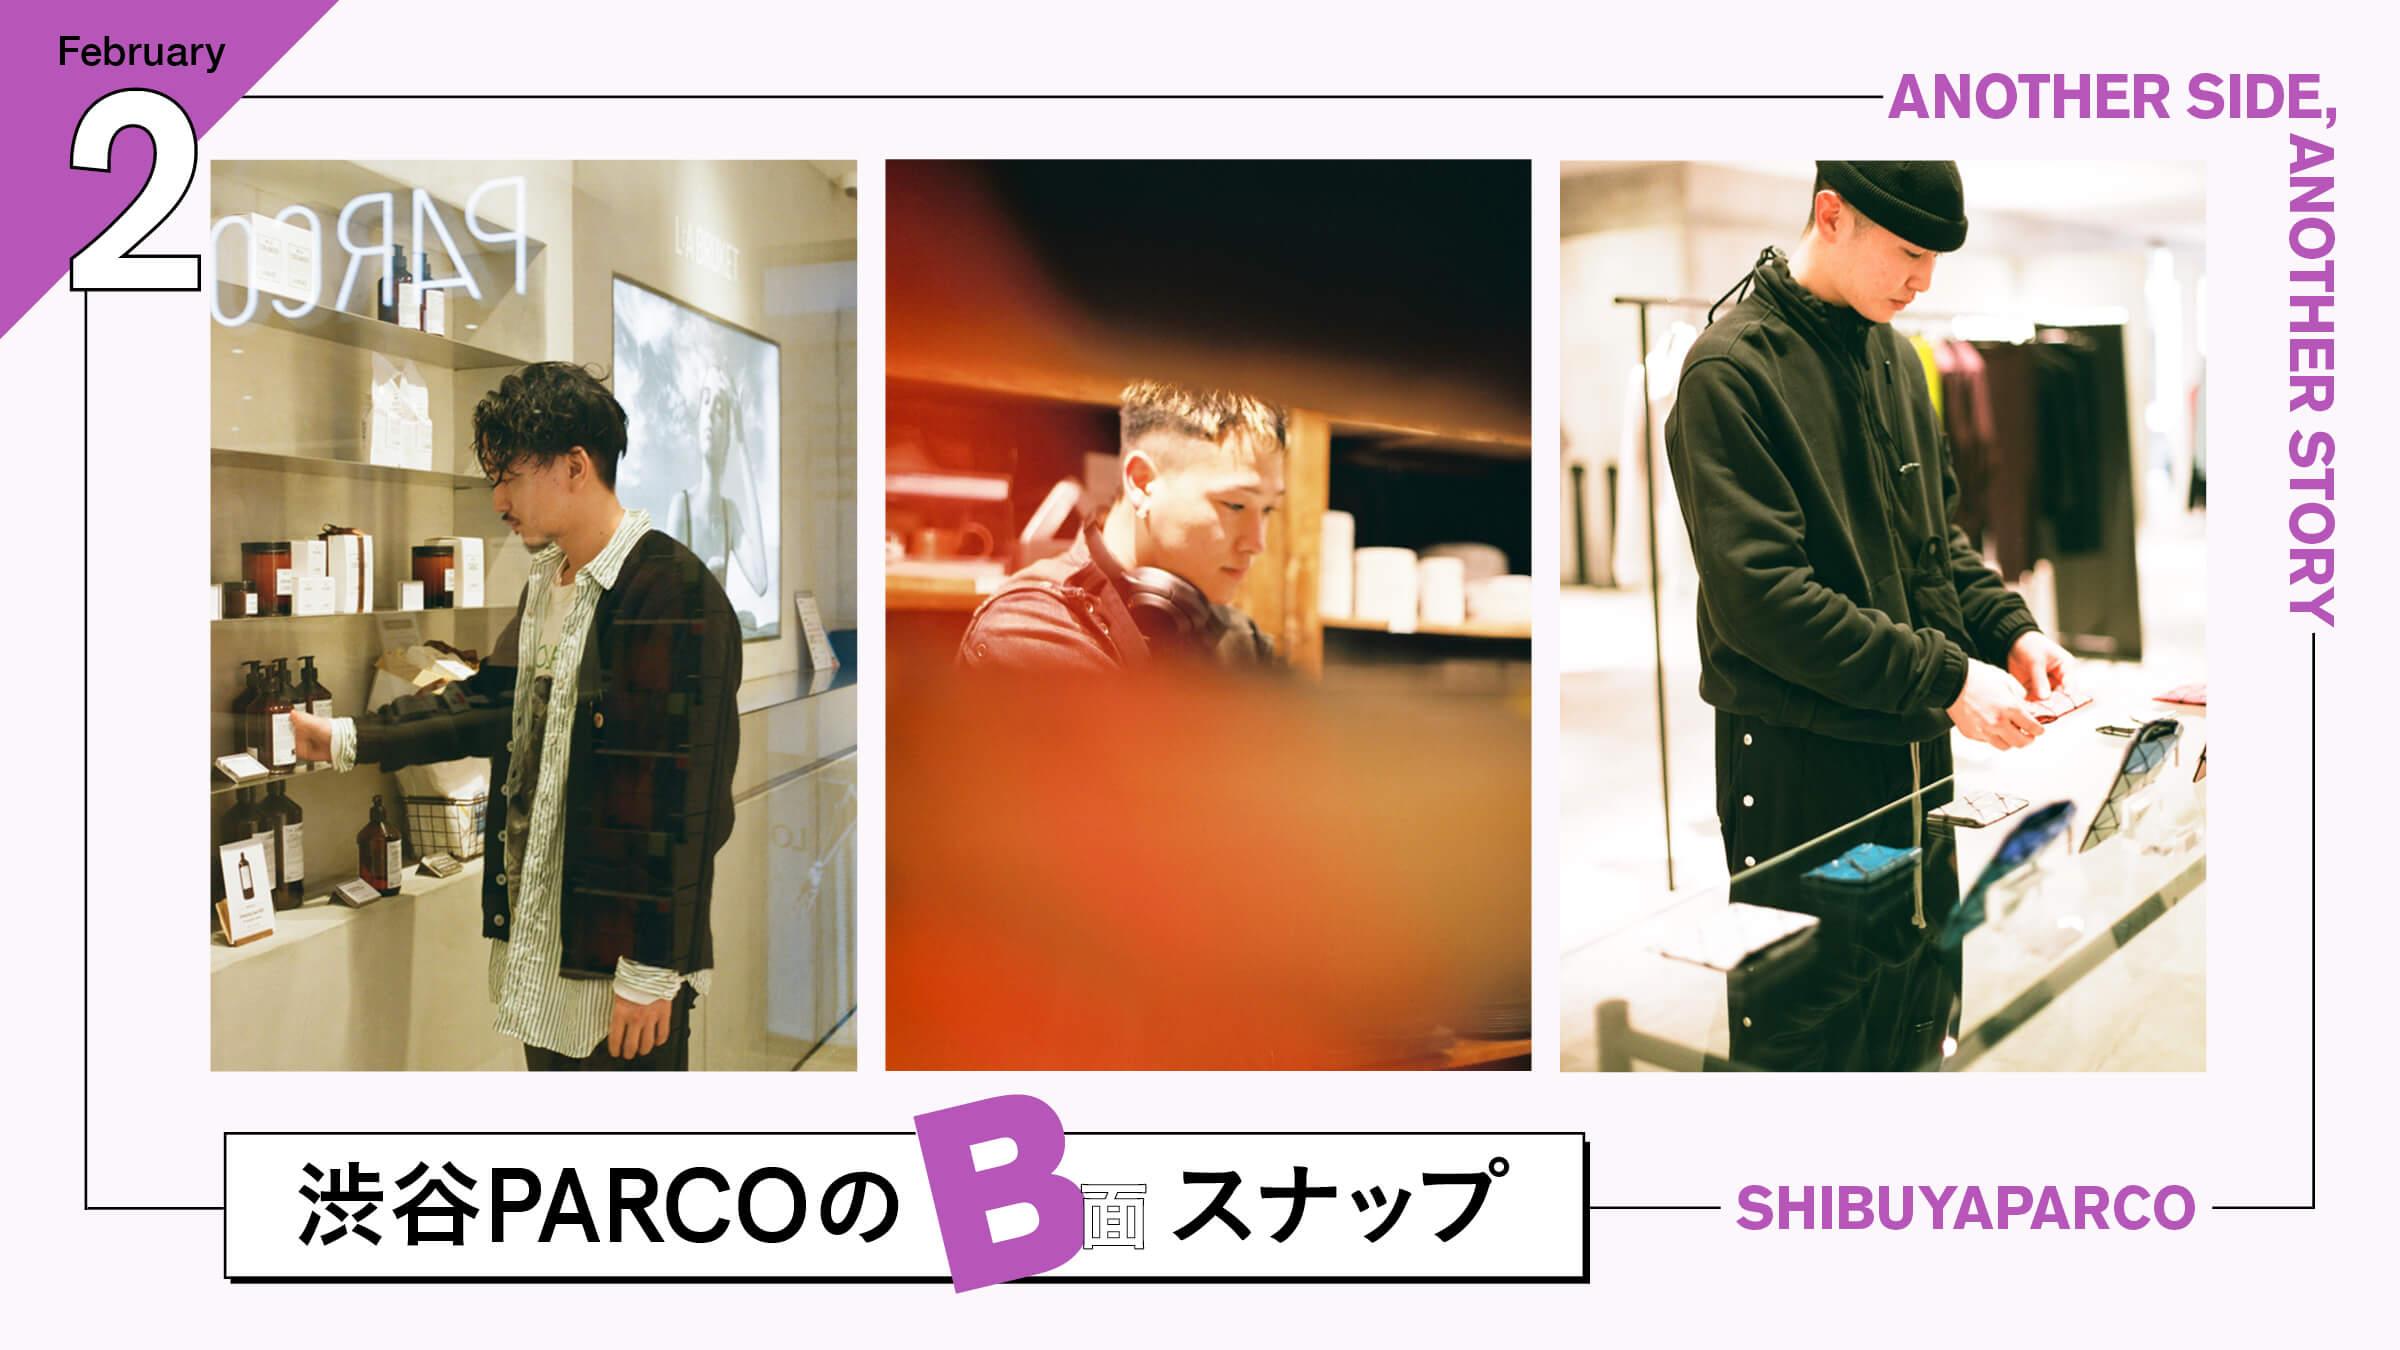 働く人ならどう遊ぶ? 渋谷PARCOのB面スナップ。〜2月編〜